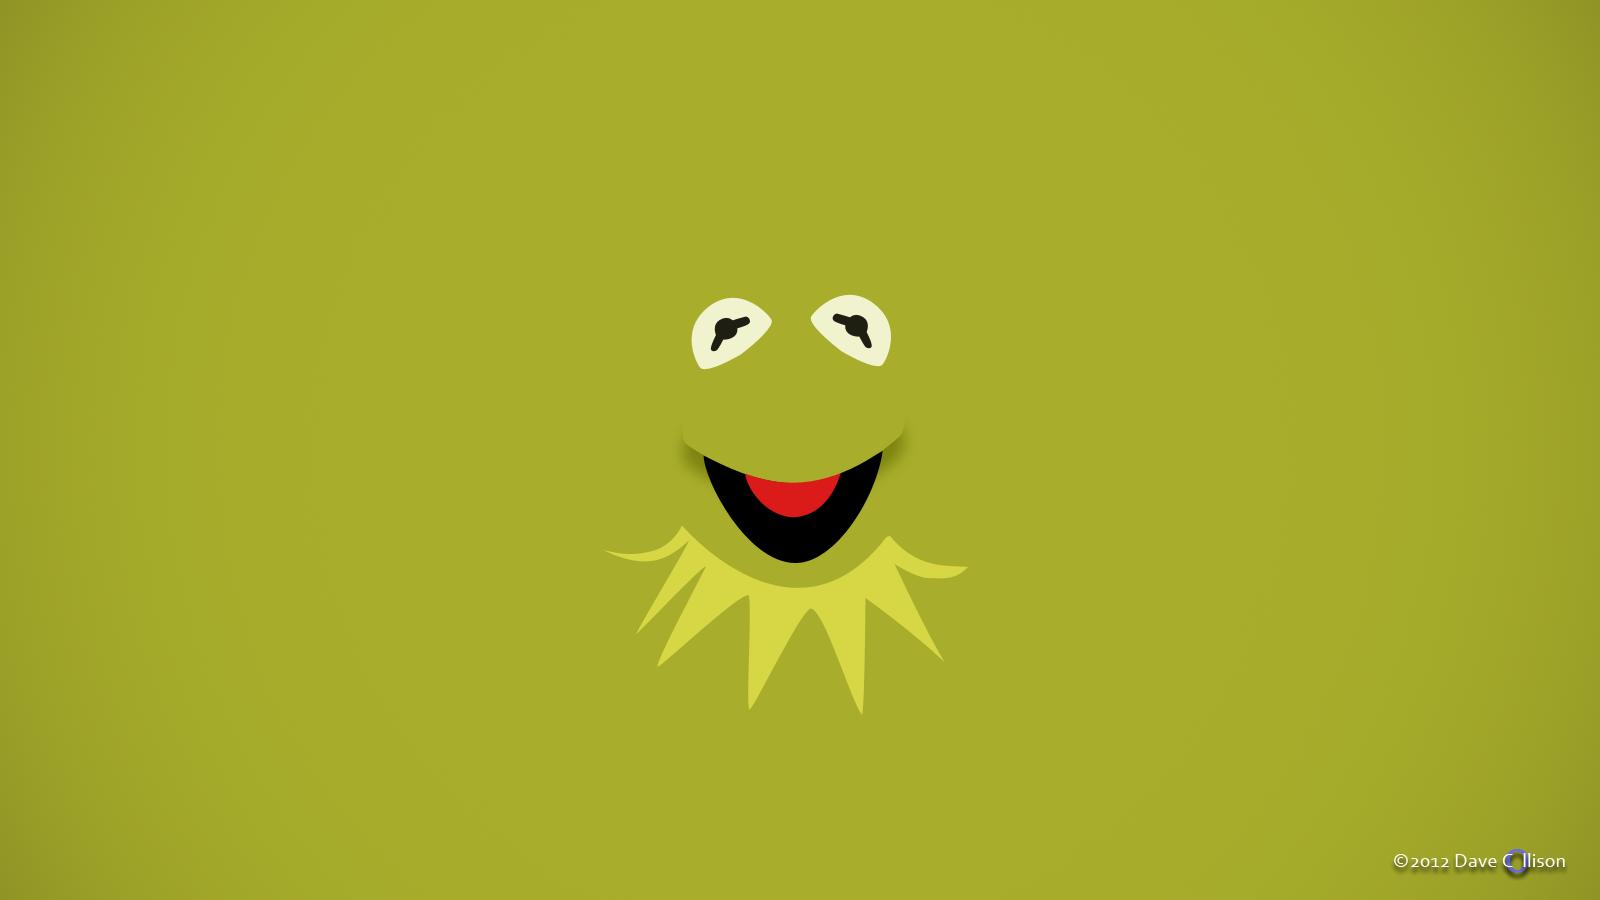 Kermit The Frog Wallpaper Wallpapersafari